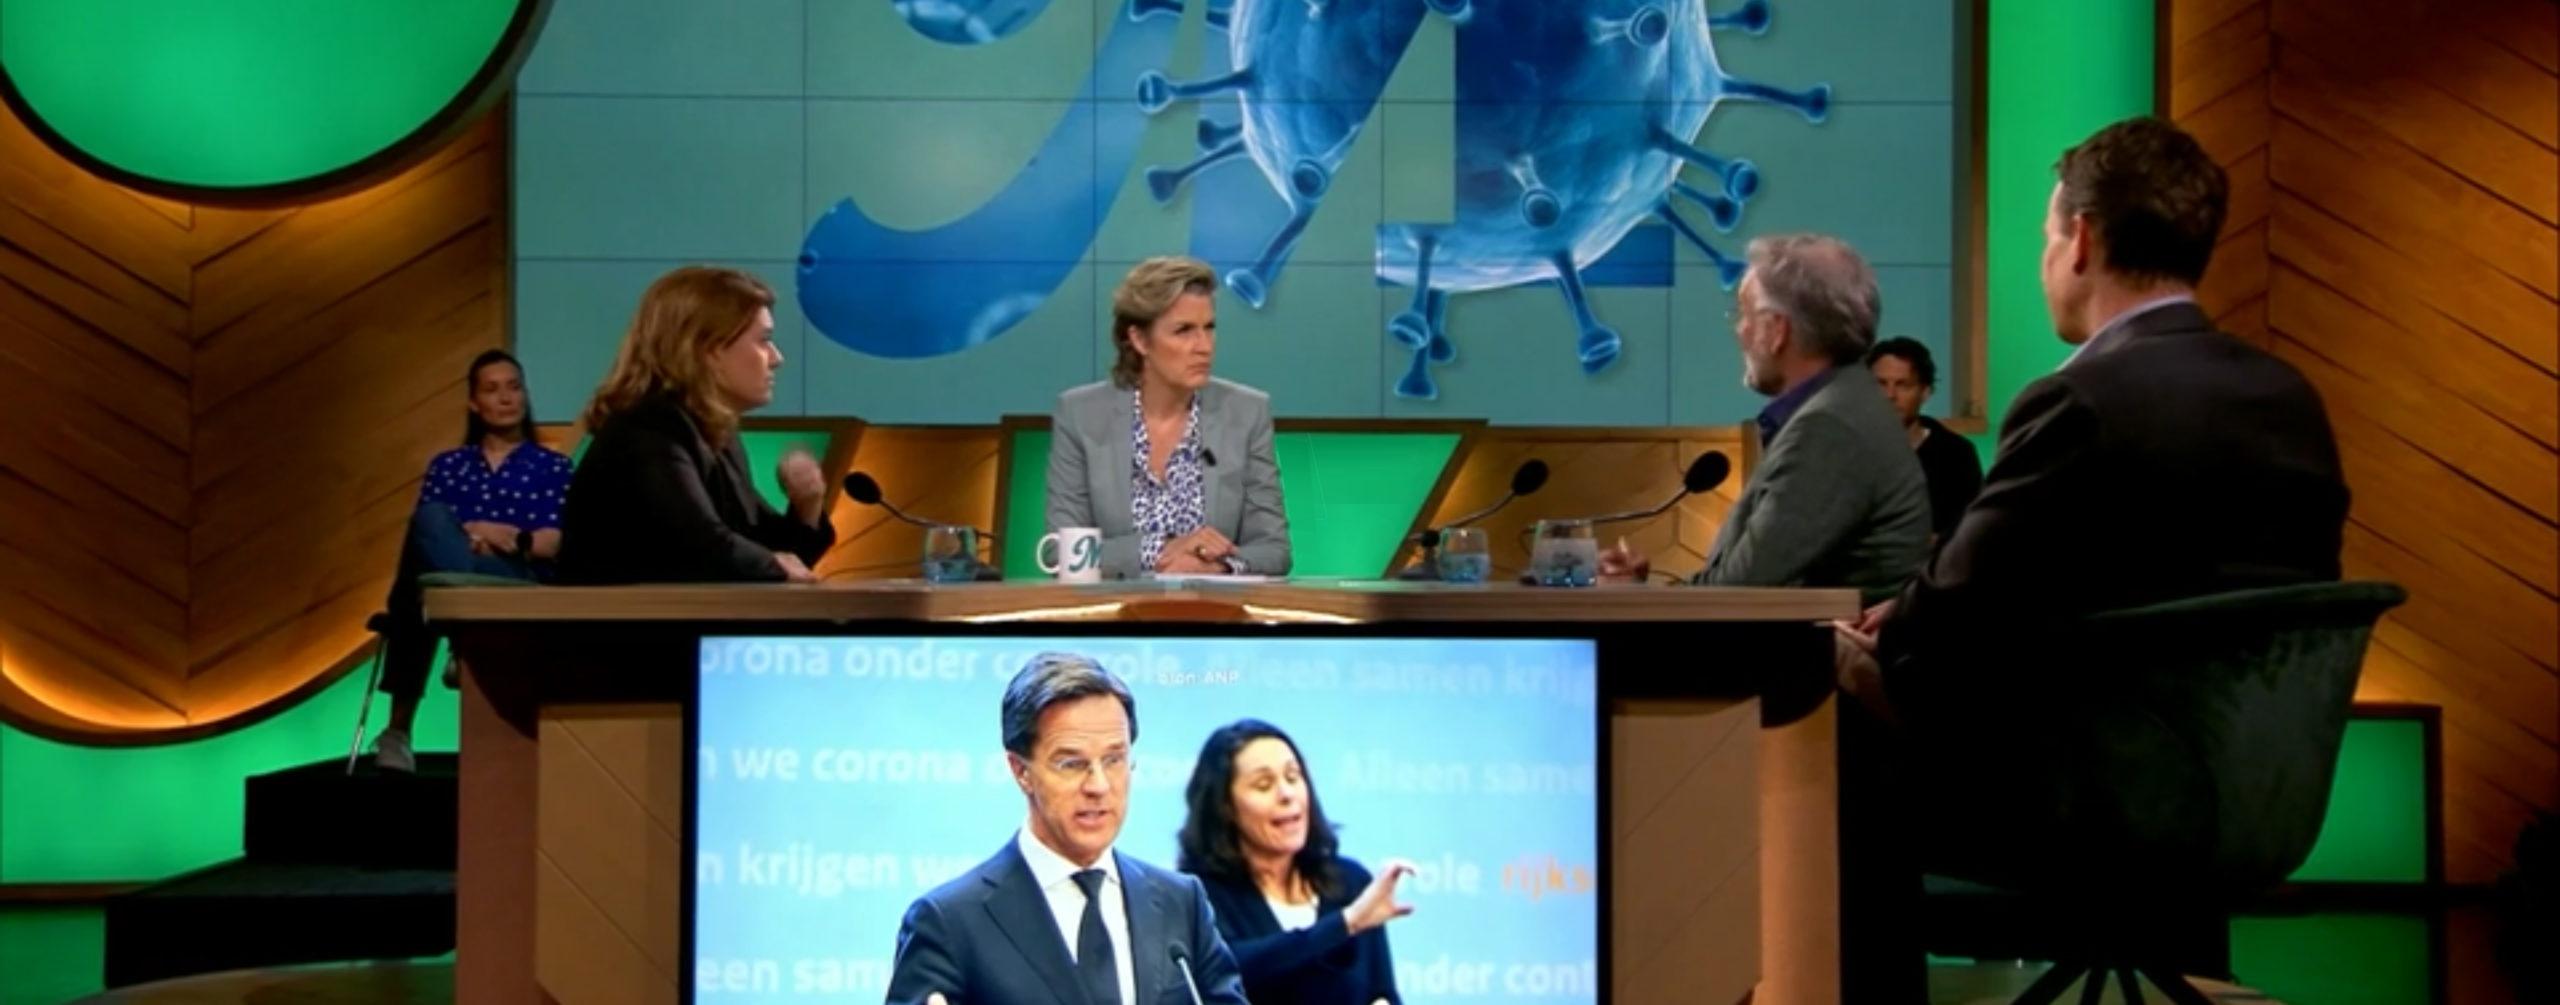 Kan de Nederlandse economie de coronacrisis aan?